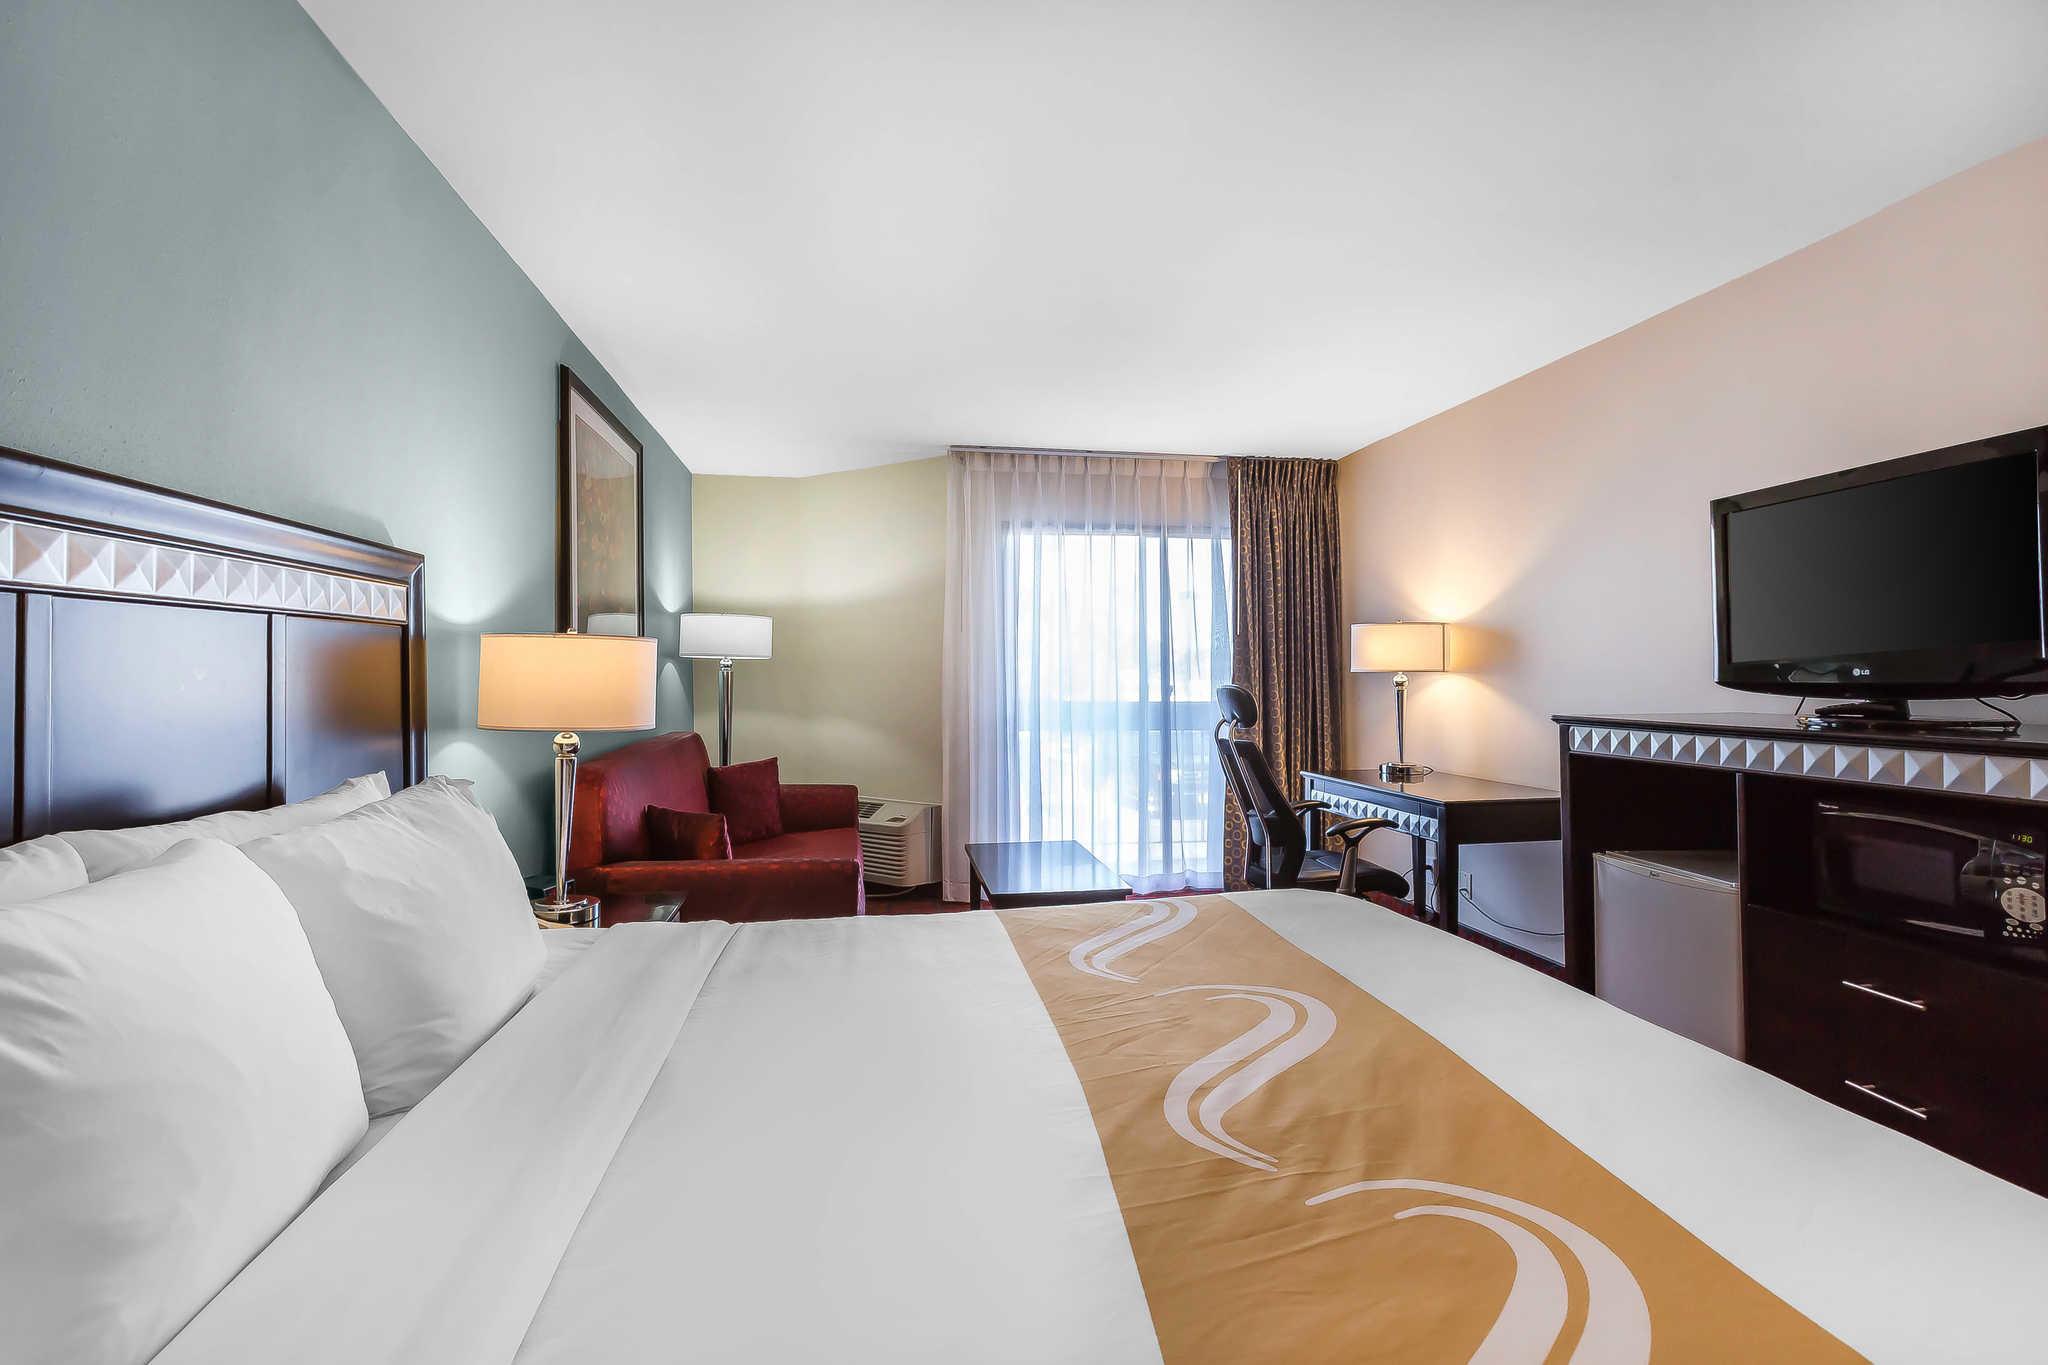 Quality Inn & Suites Irvine Spectrum image 17